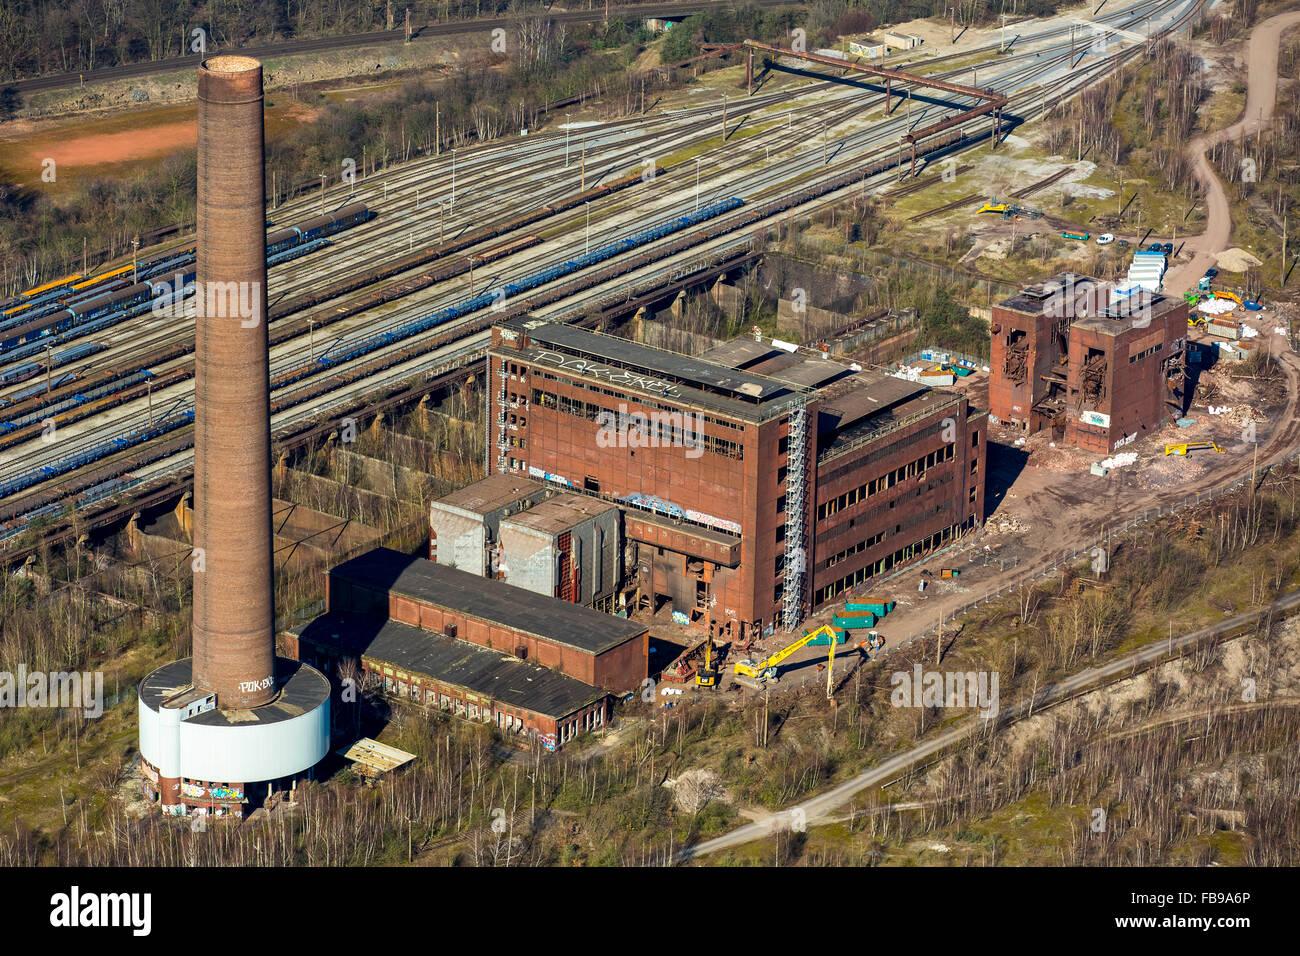 Vista aérea de la planta de sinterización, correa, sinterizado Duisburg-Beeck hall, ruina industrial, Duisburg, Ruhr, Nordrhein-Westfalen, Foto de stock